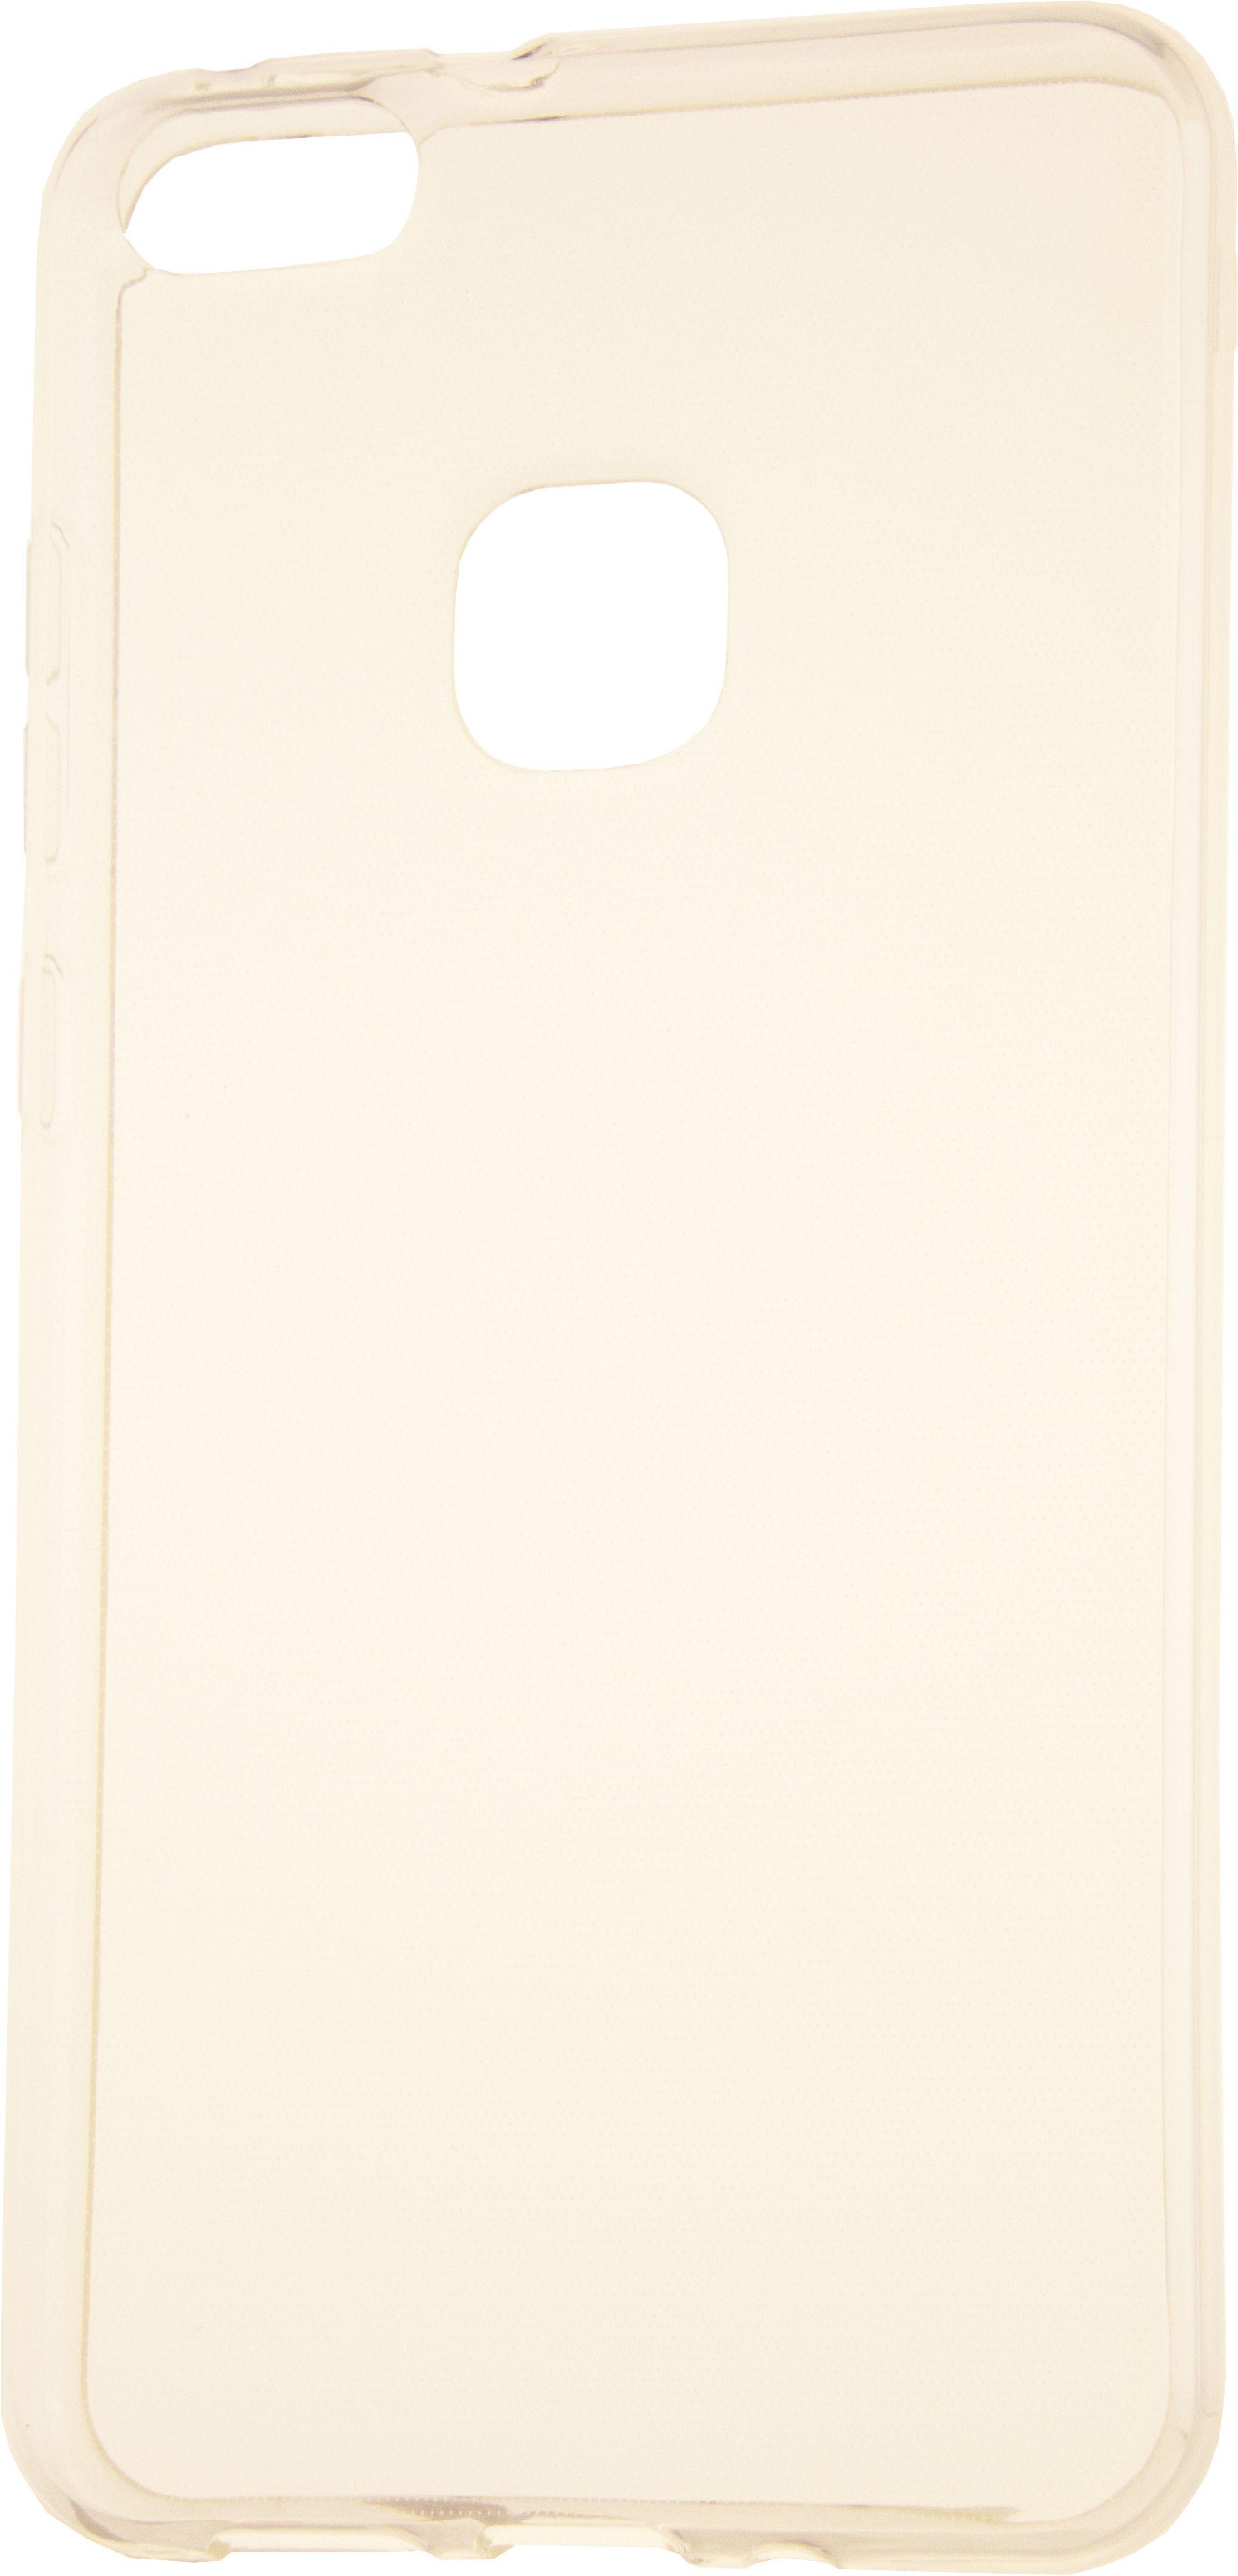 Image of   Telefon Gel-Etui Huawei P10 Lite Gennemsigtig